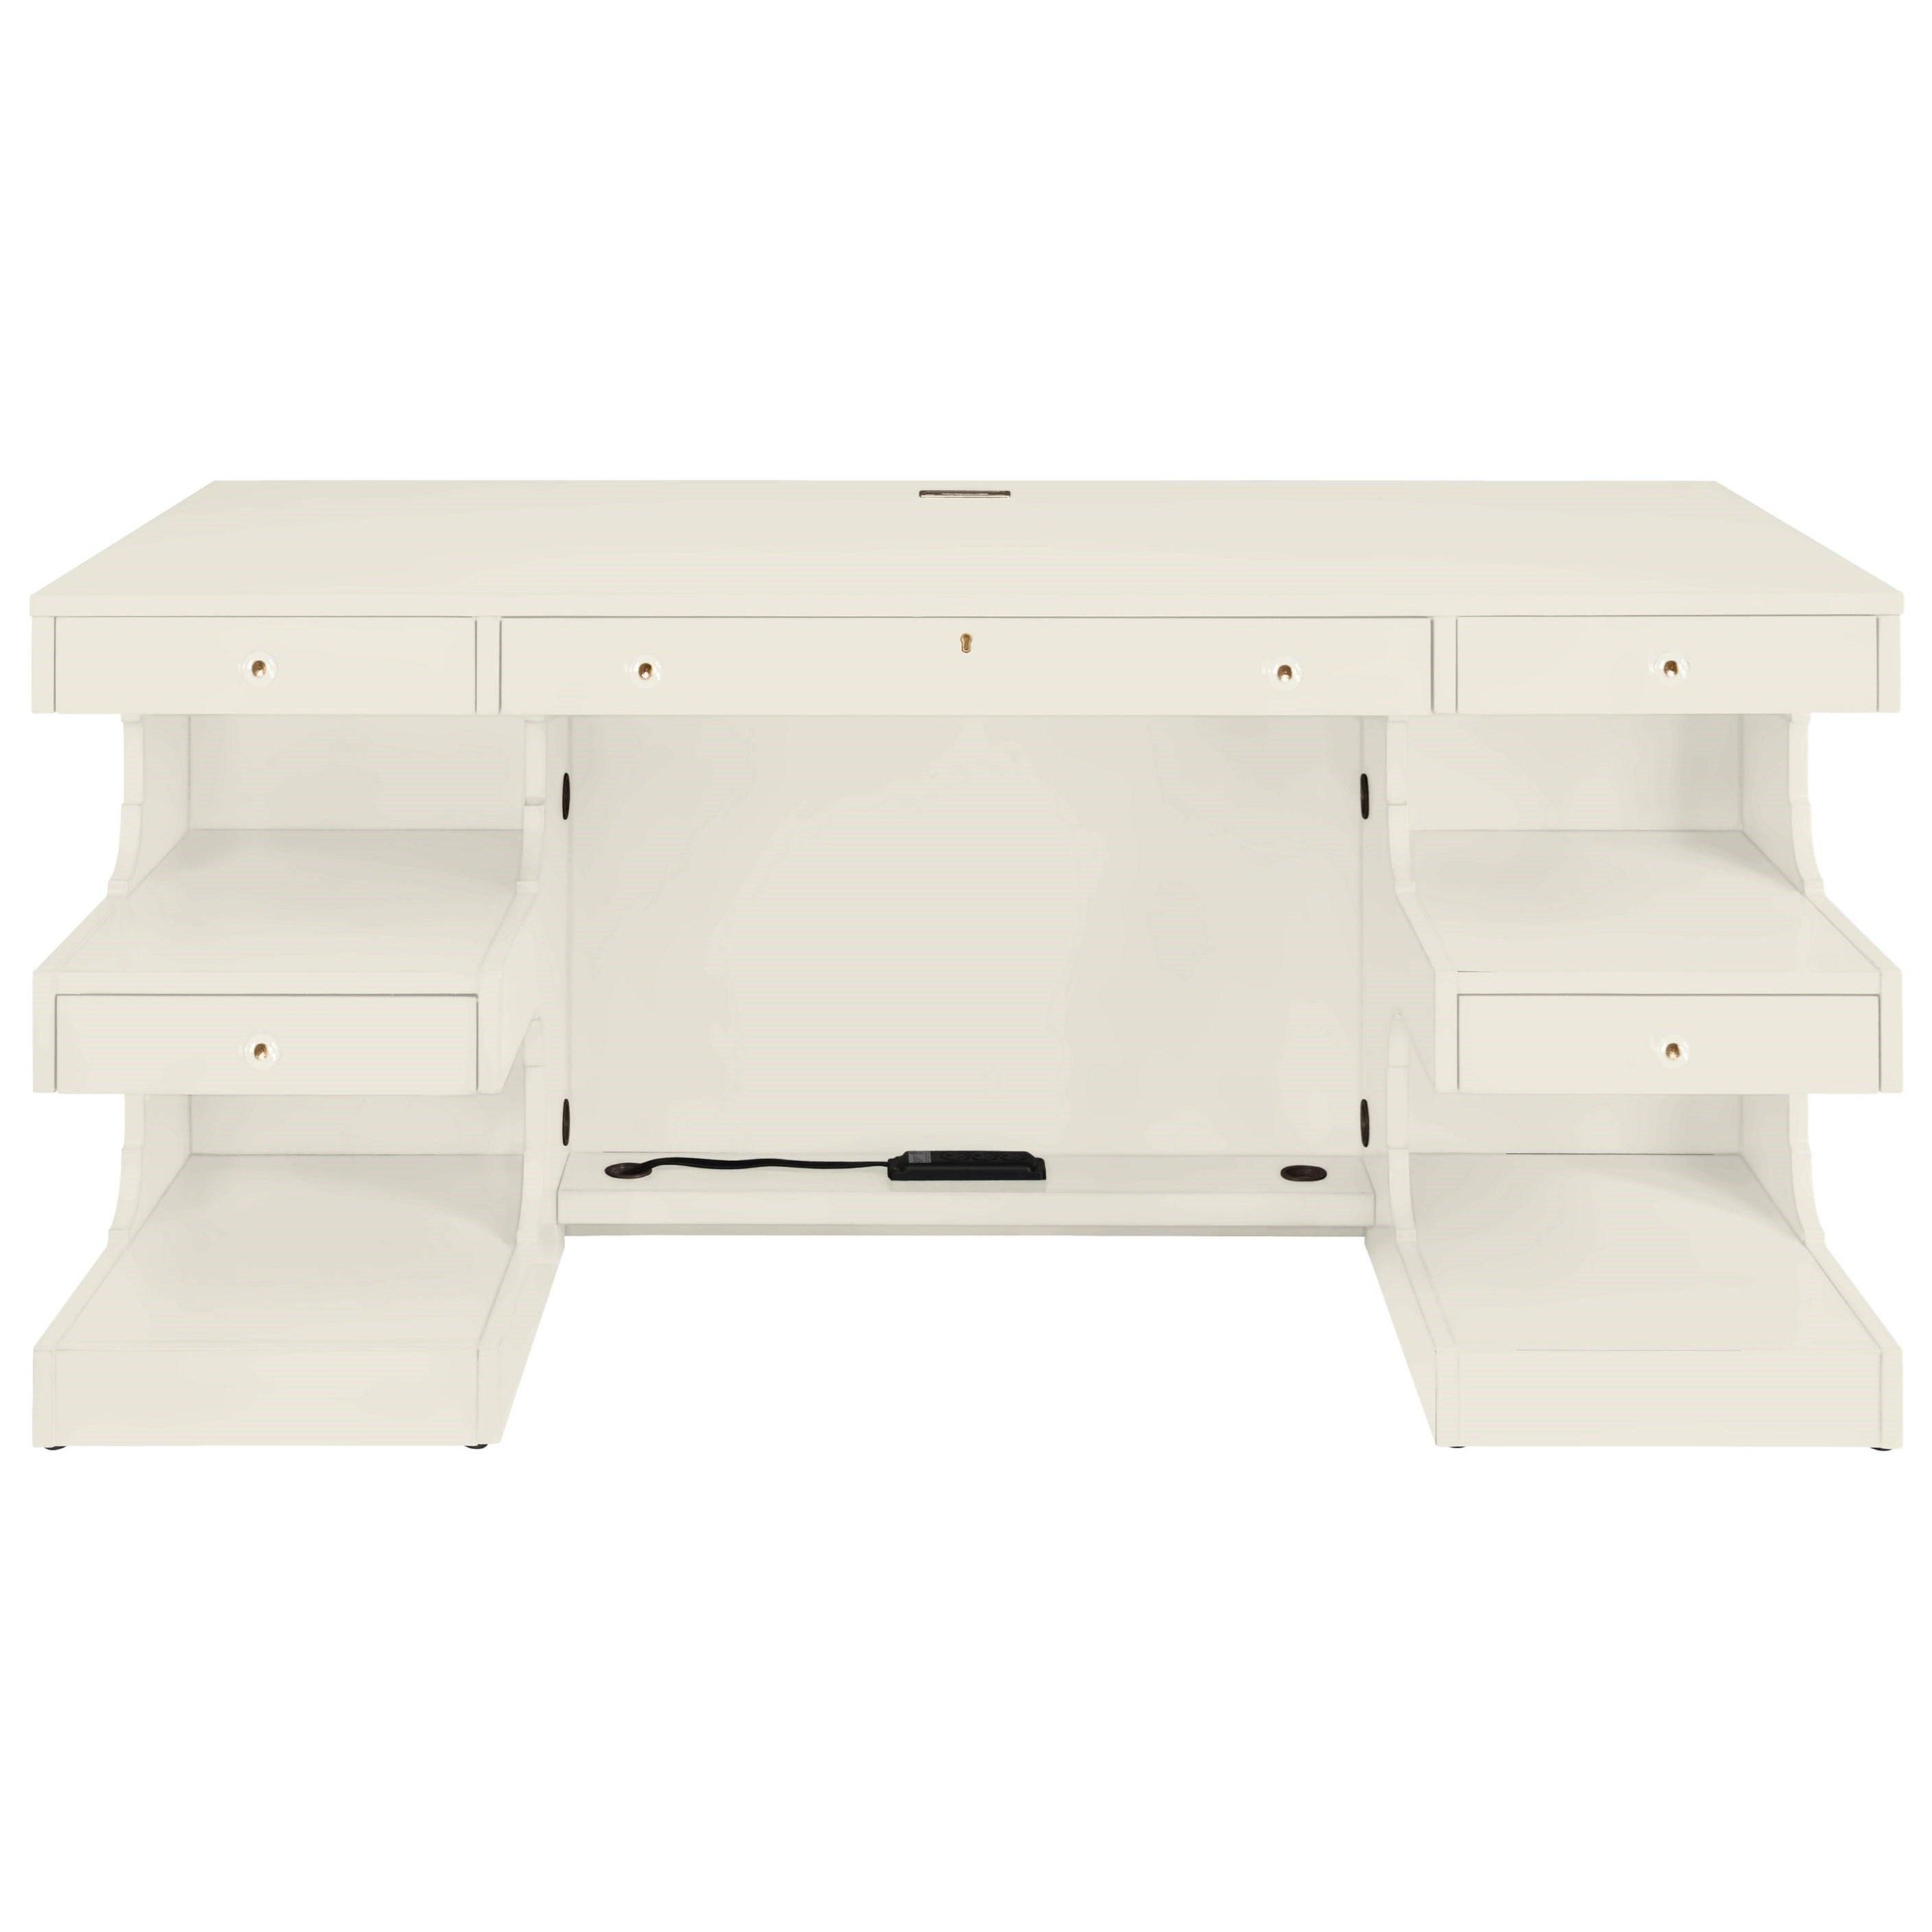 Stanley Furniture Coastal Living Oasis Cape Dutch Writing Desk - Item Number: 527-25-03